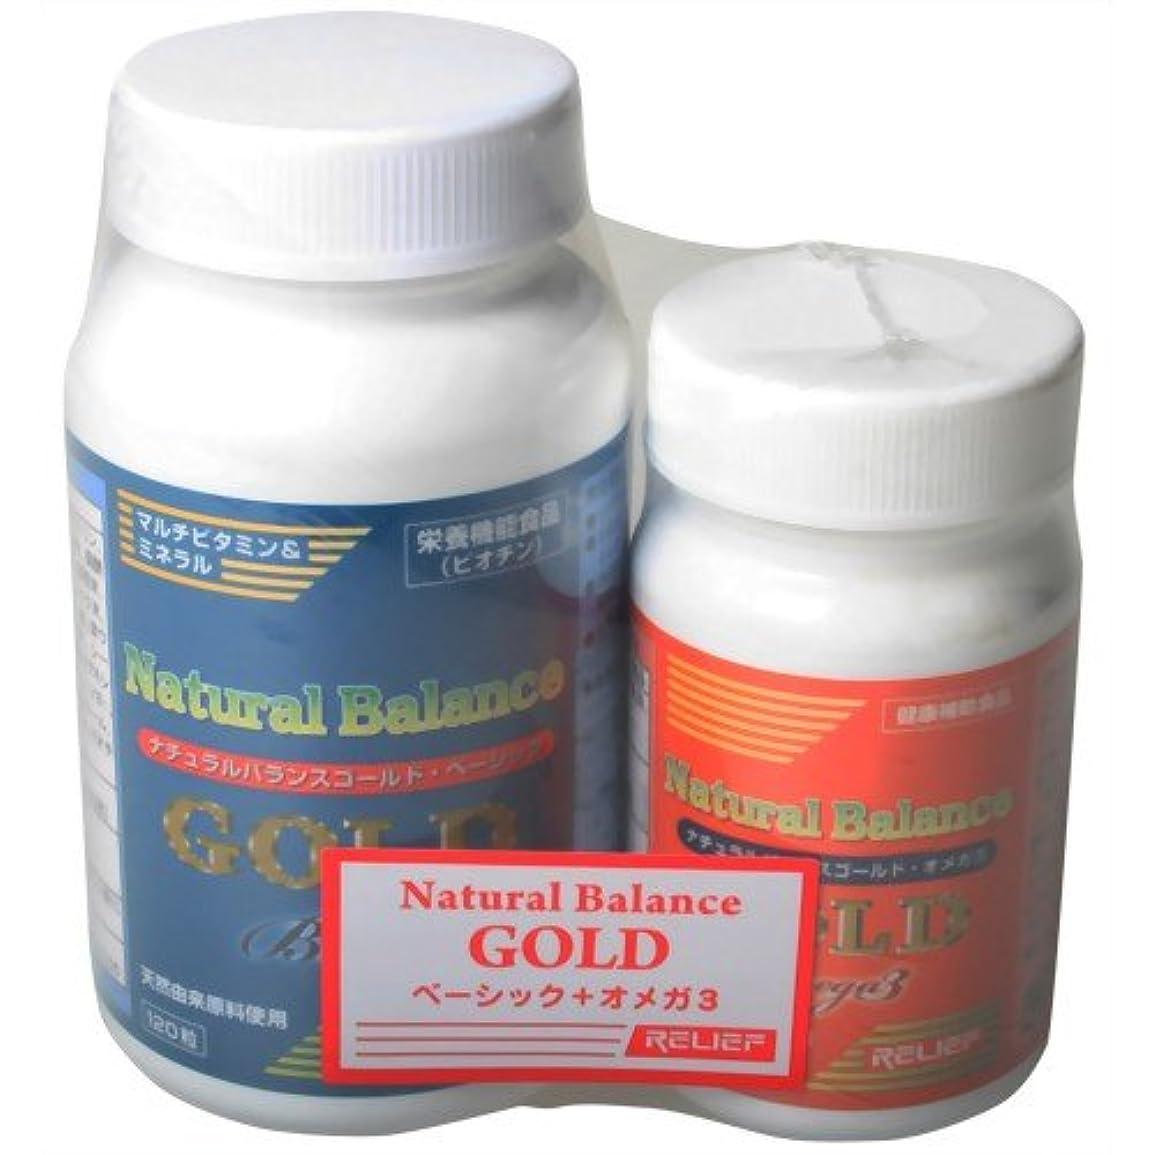 活性化かわすディスパッチリリーフ ナチュラルバランスゴールド BASIC 120粒+オメガ3 30粒